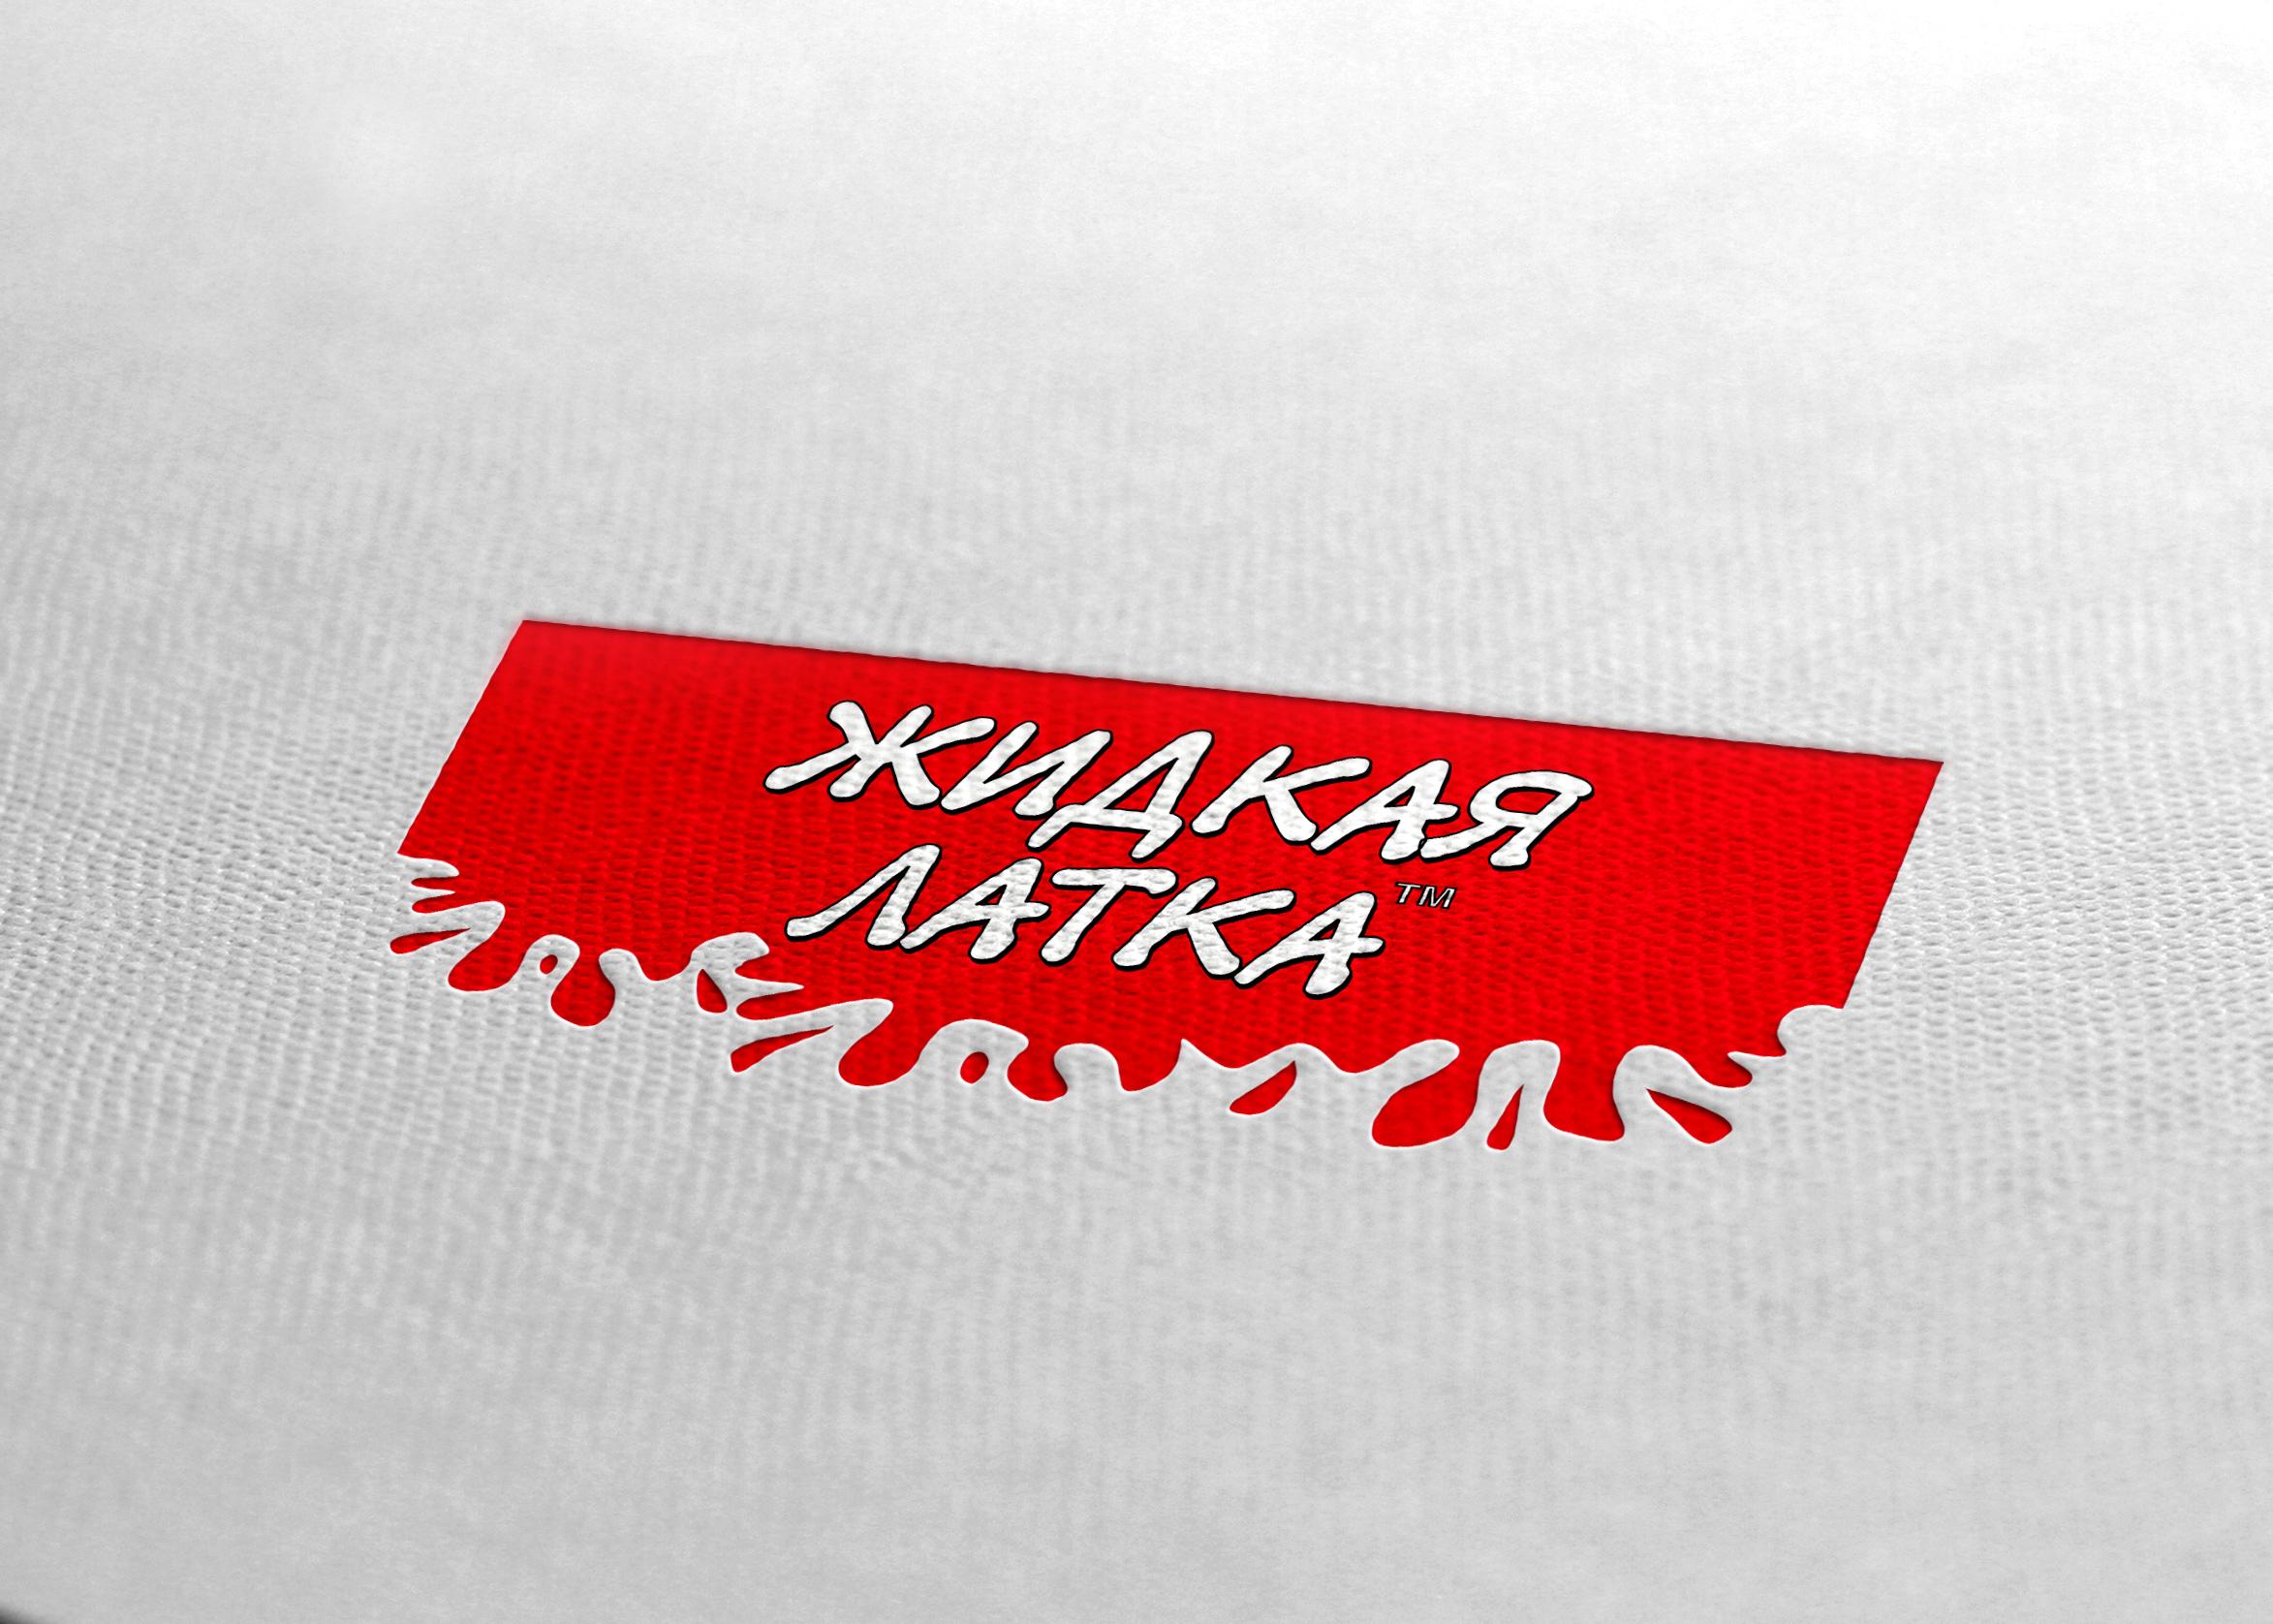 Торговая марка Украины Жидкая латка торговый дом